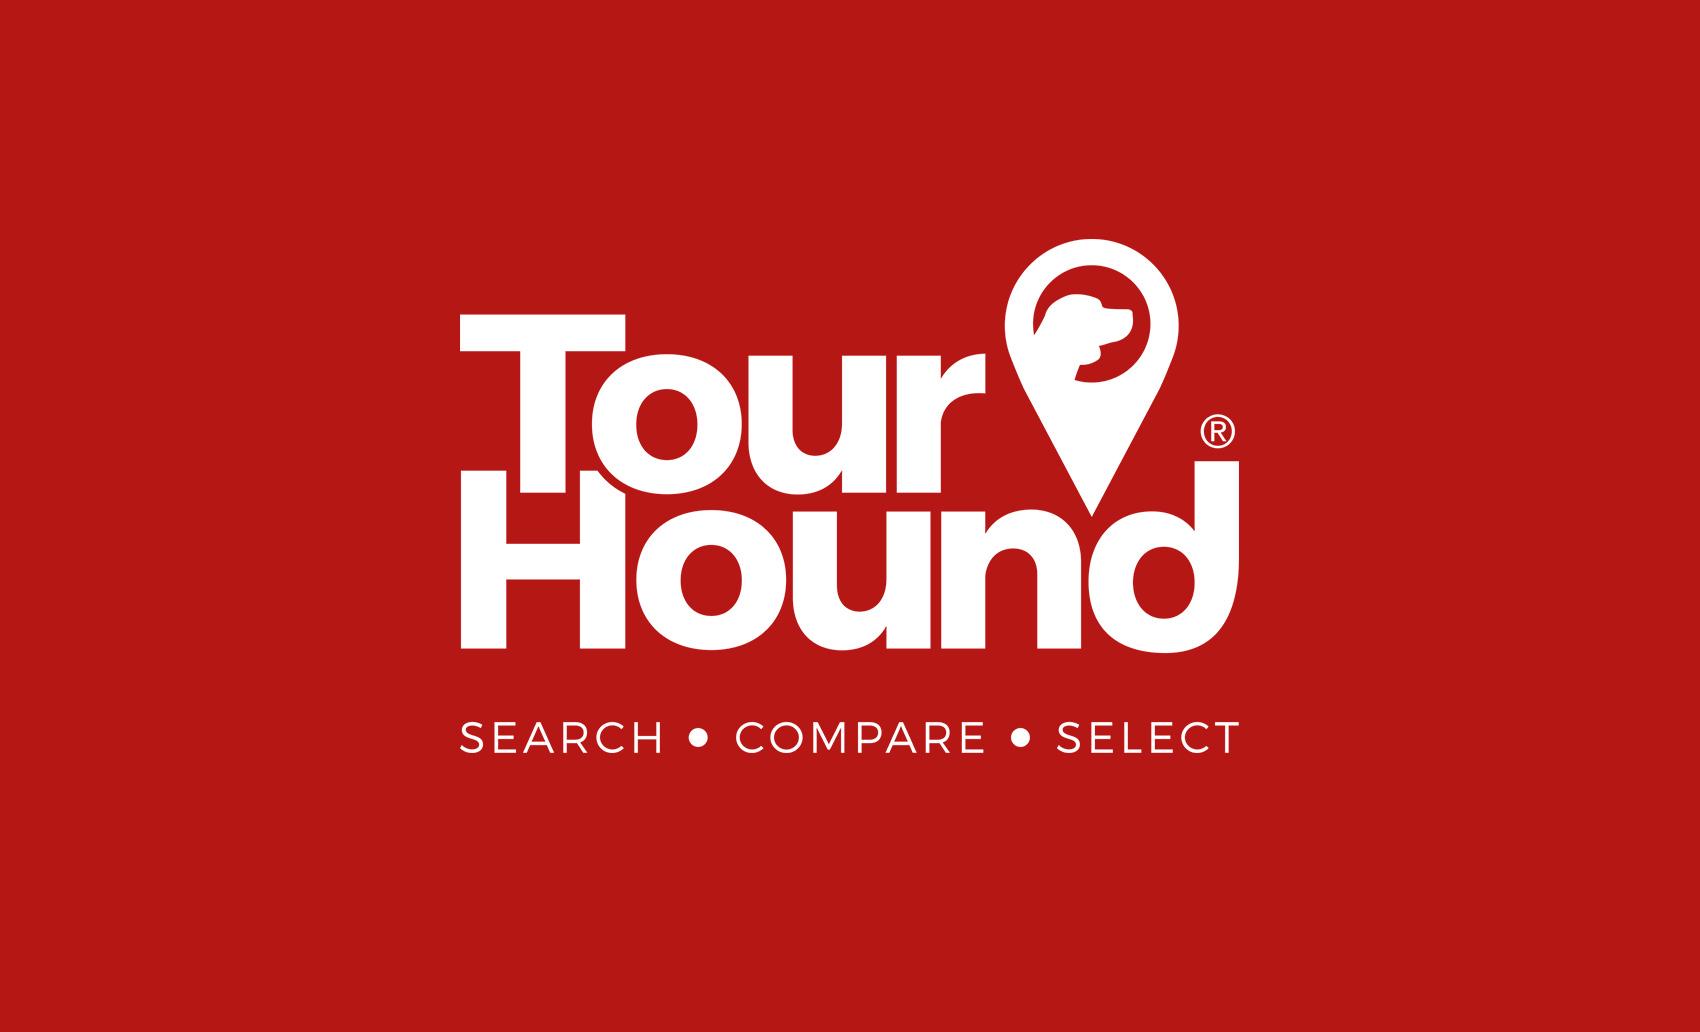 tourhound_logo